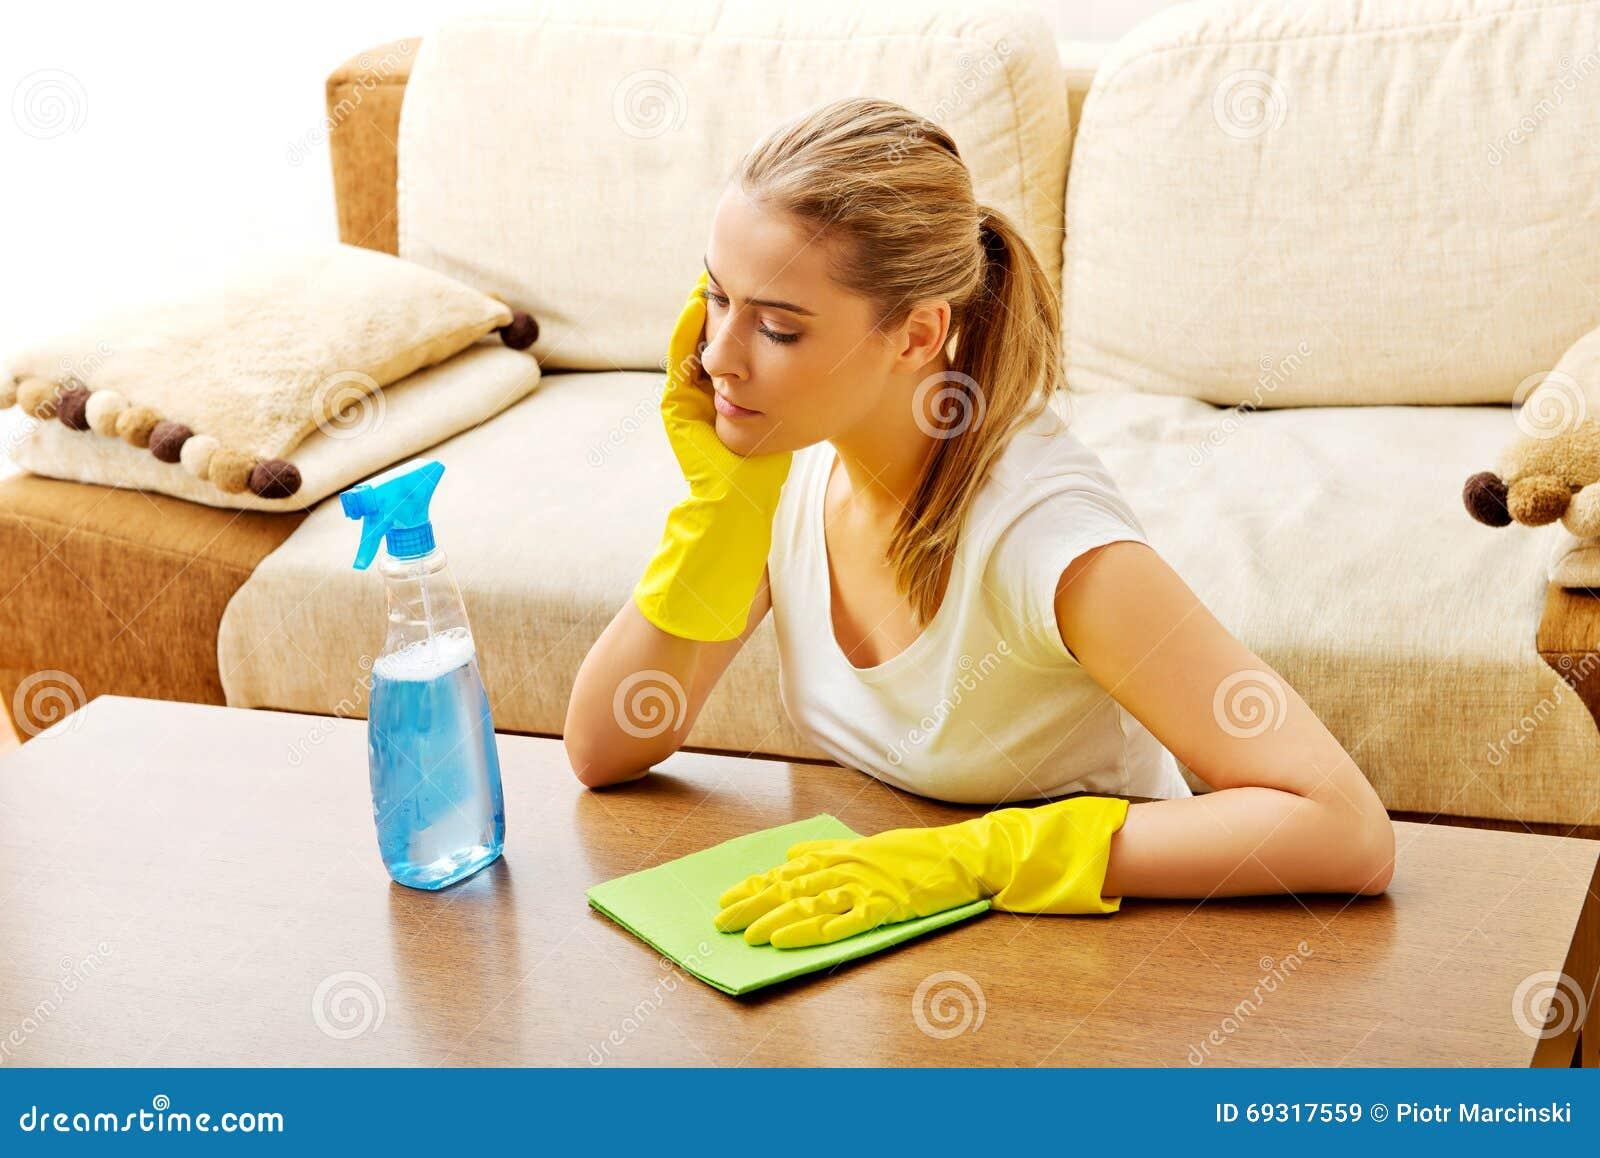 Zmęczony młodej kobiety cleaning stół w żółtych rękawiczkach